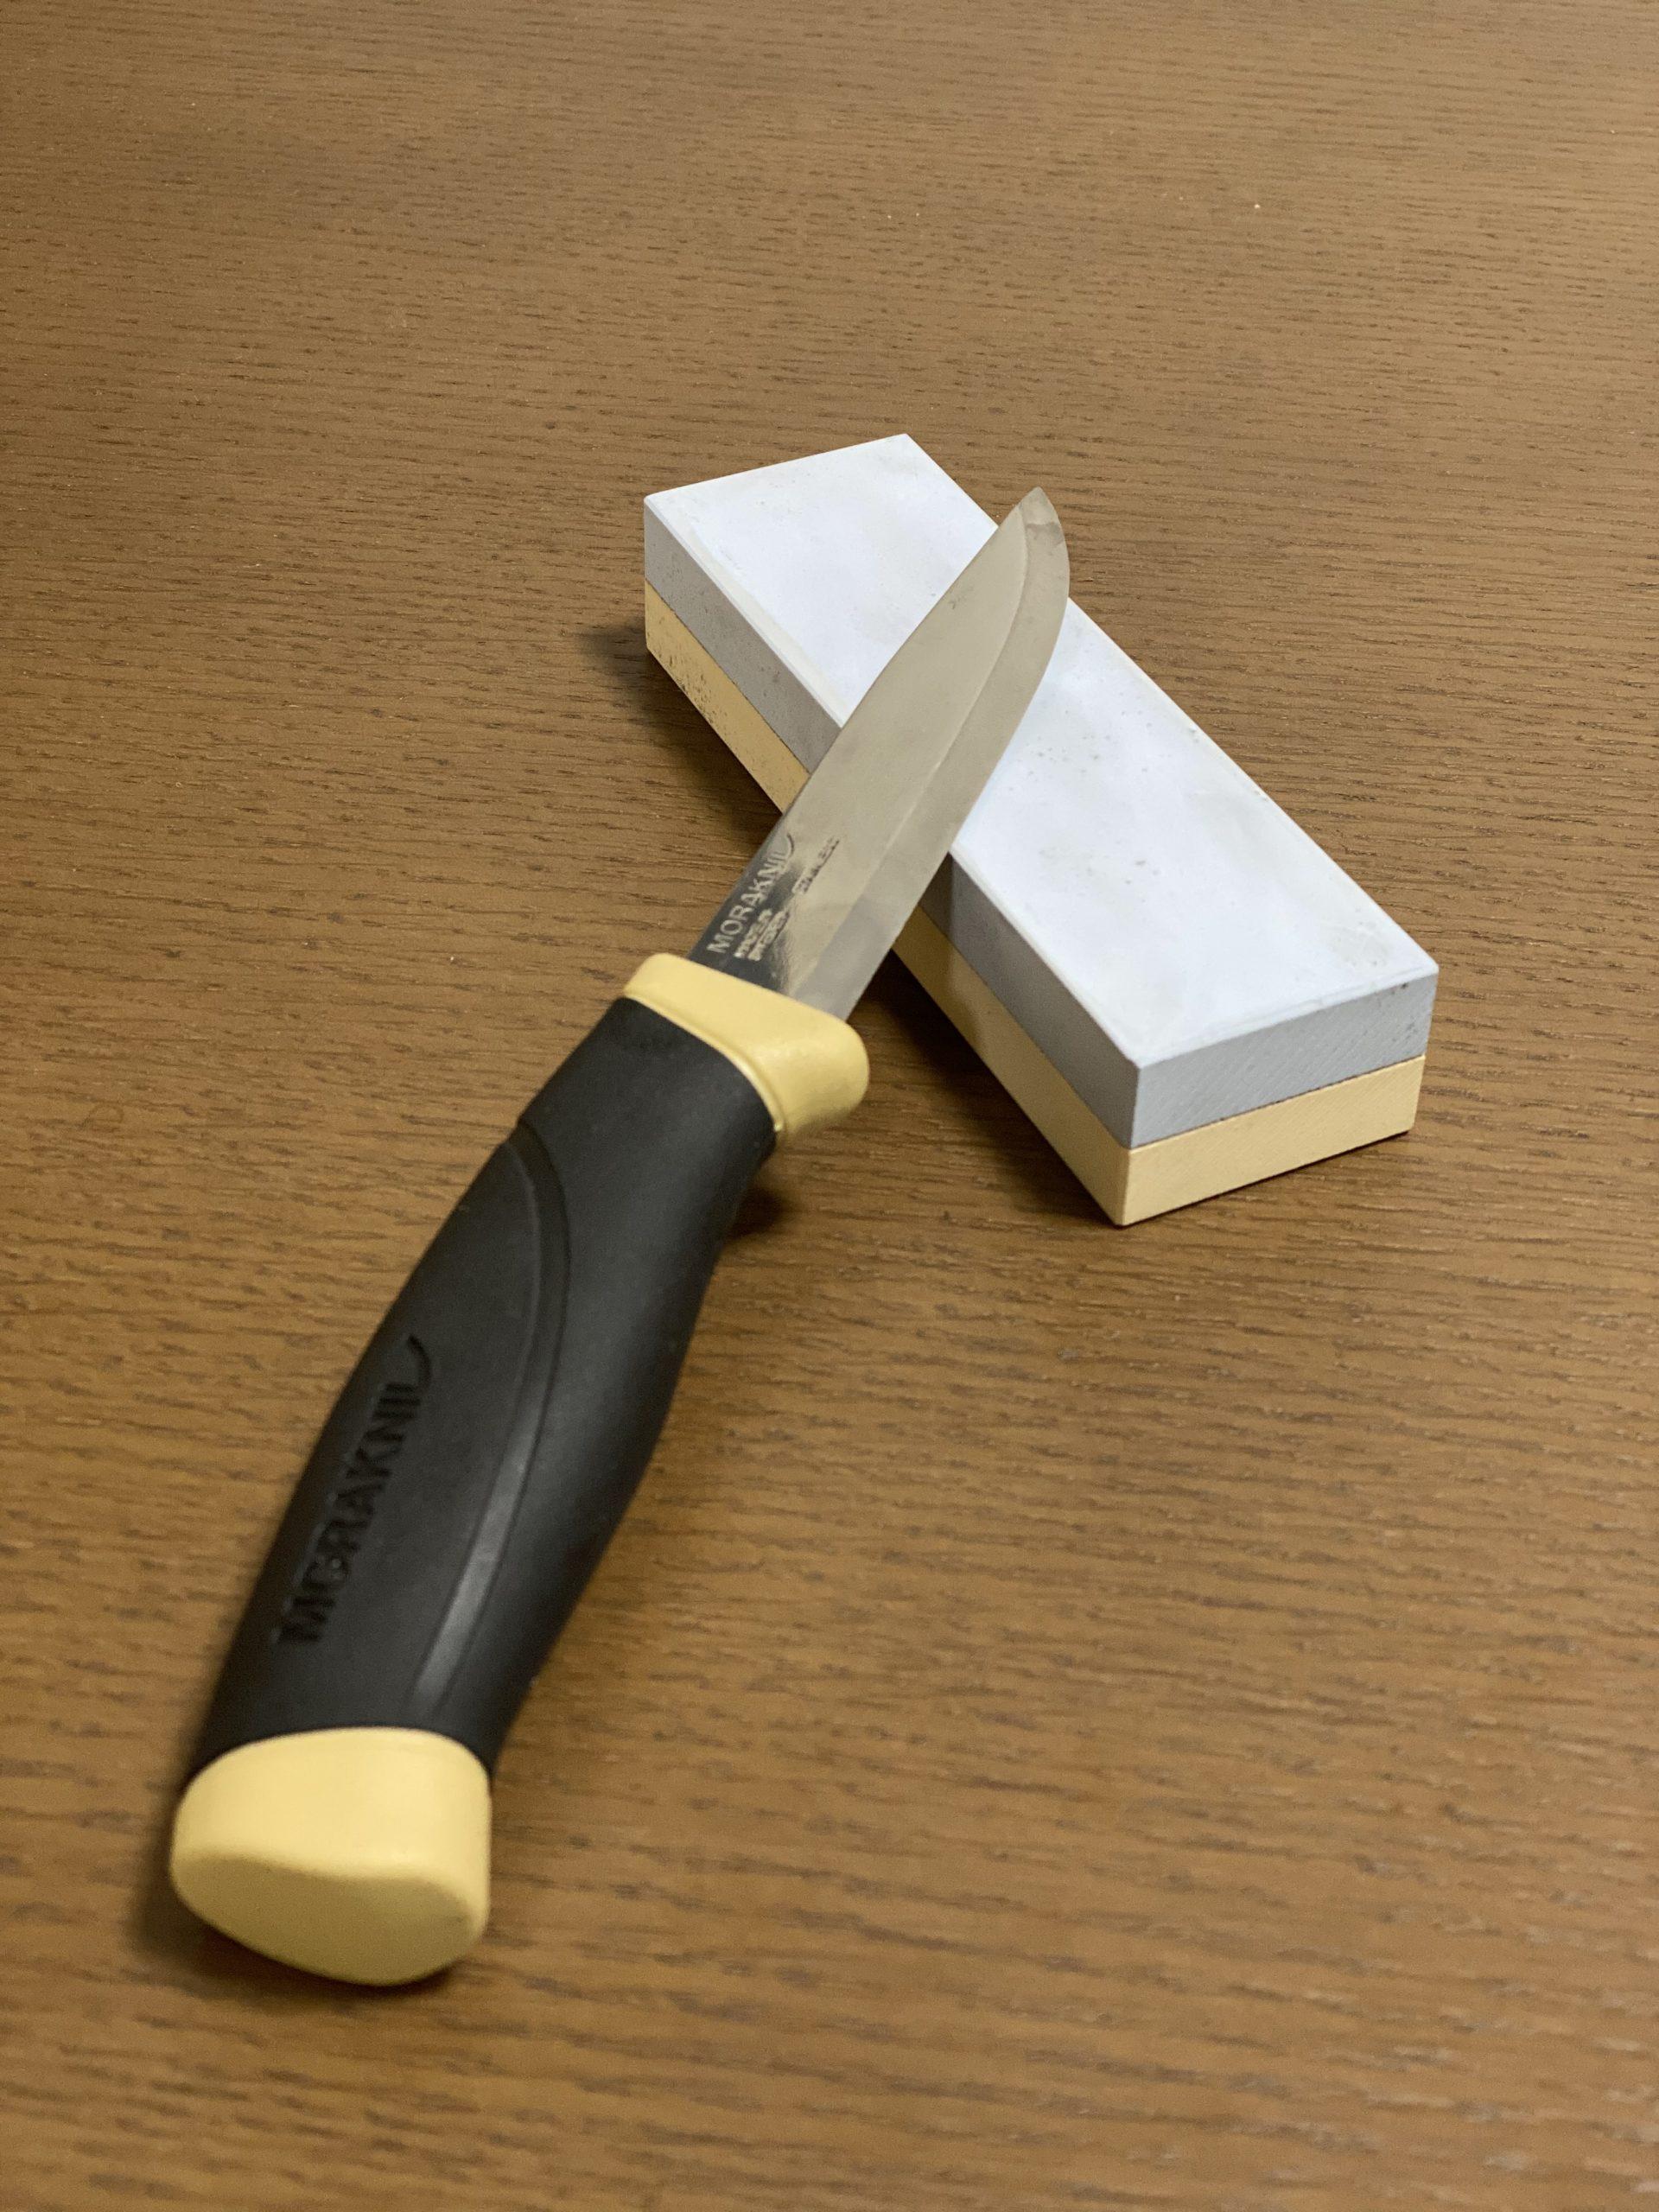 モーラナイフと砥石2